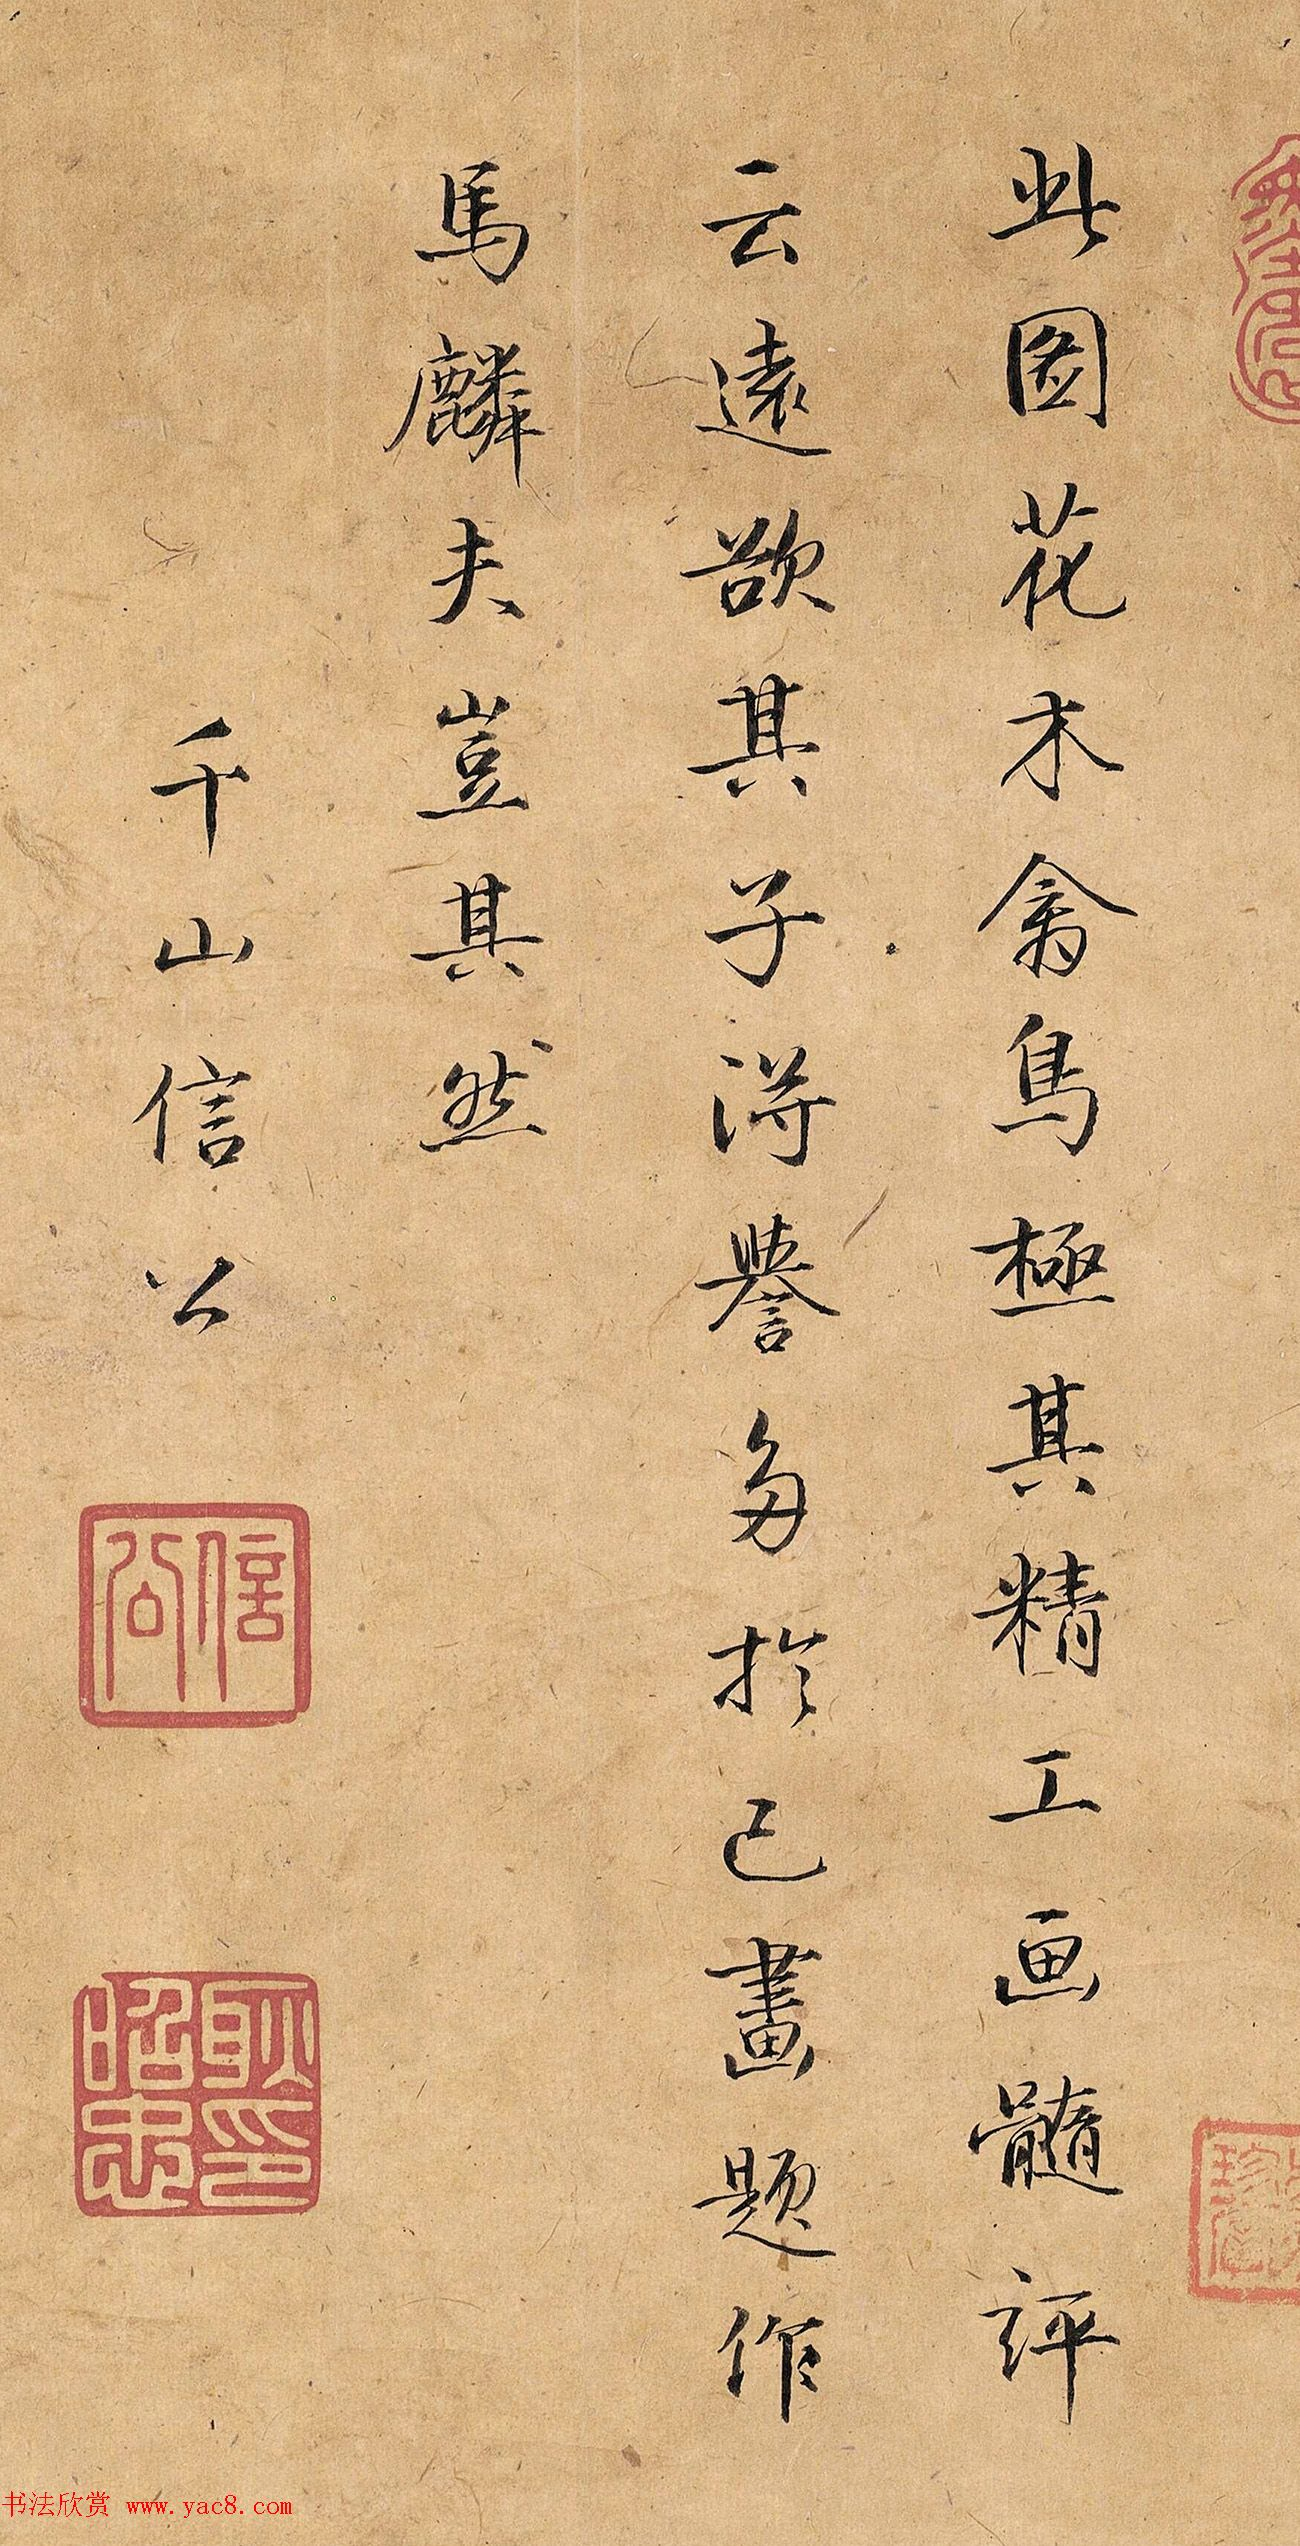 清初耿昭忠书法题红梅孔雀图